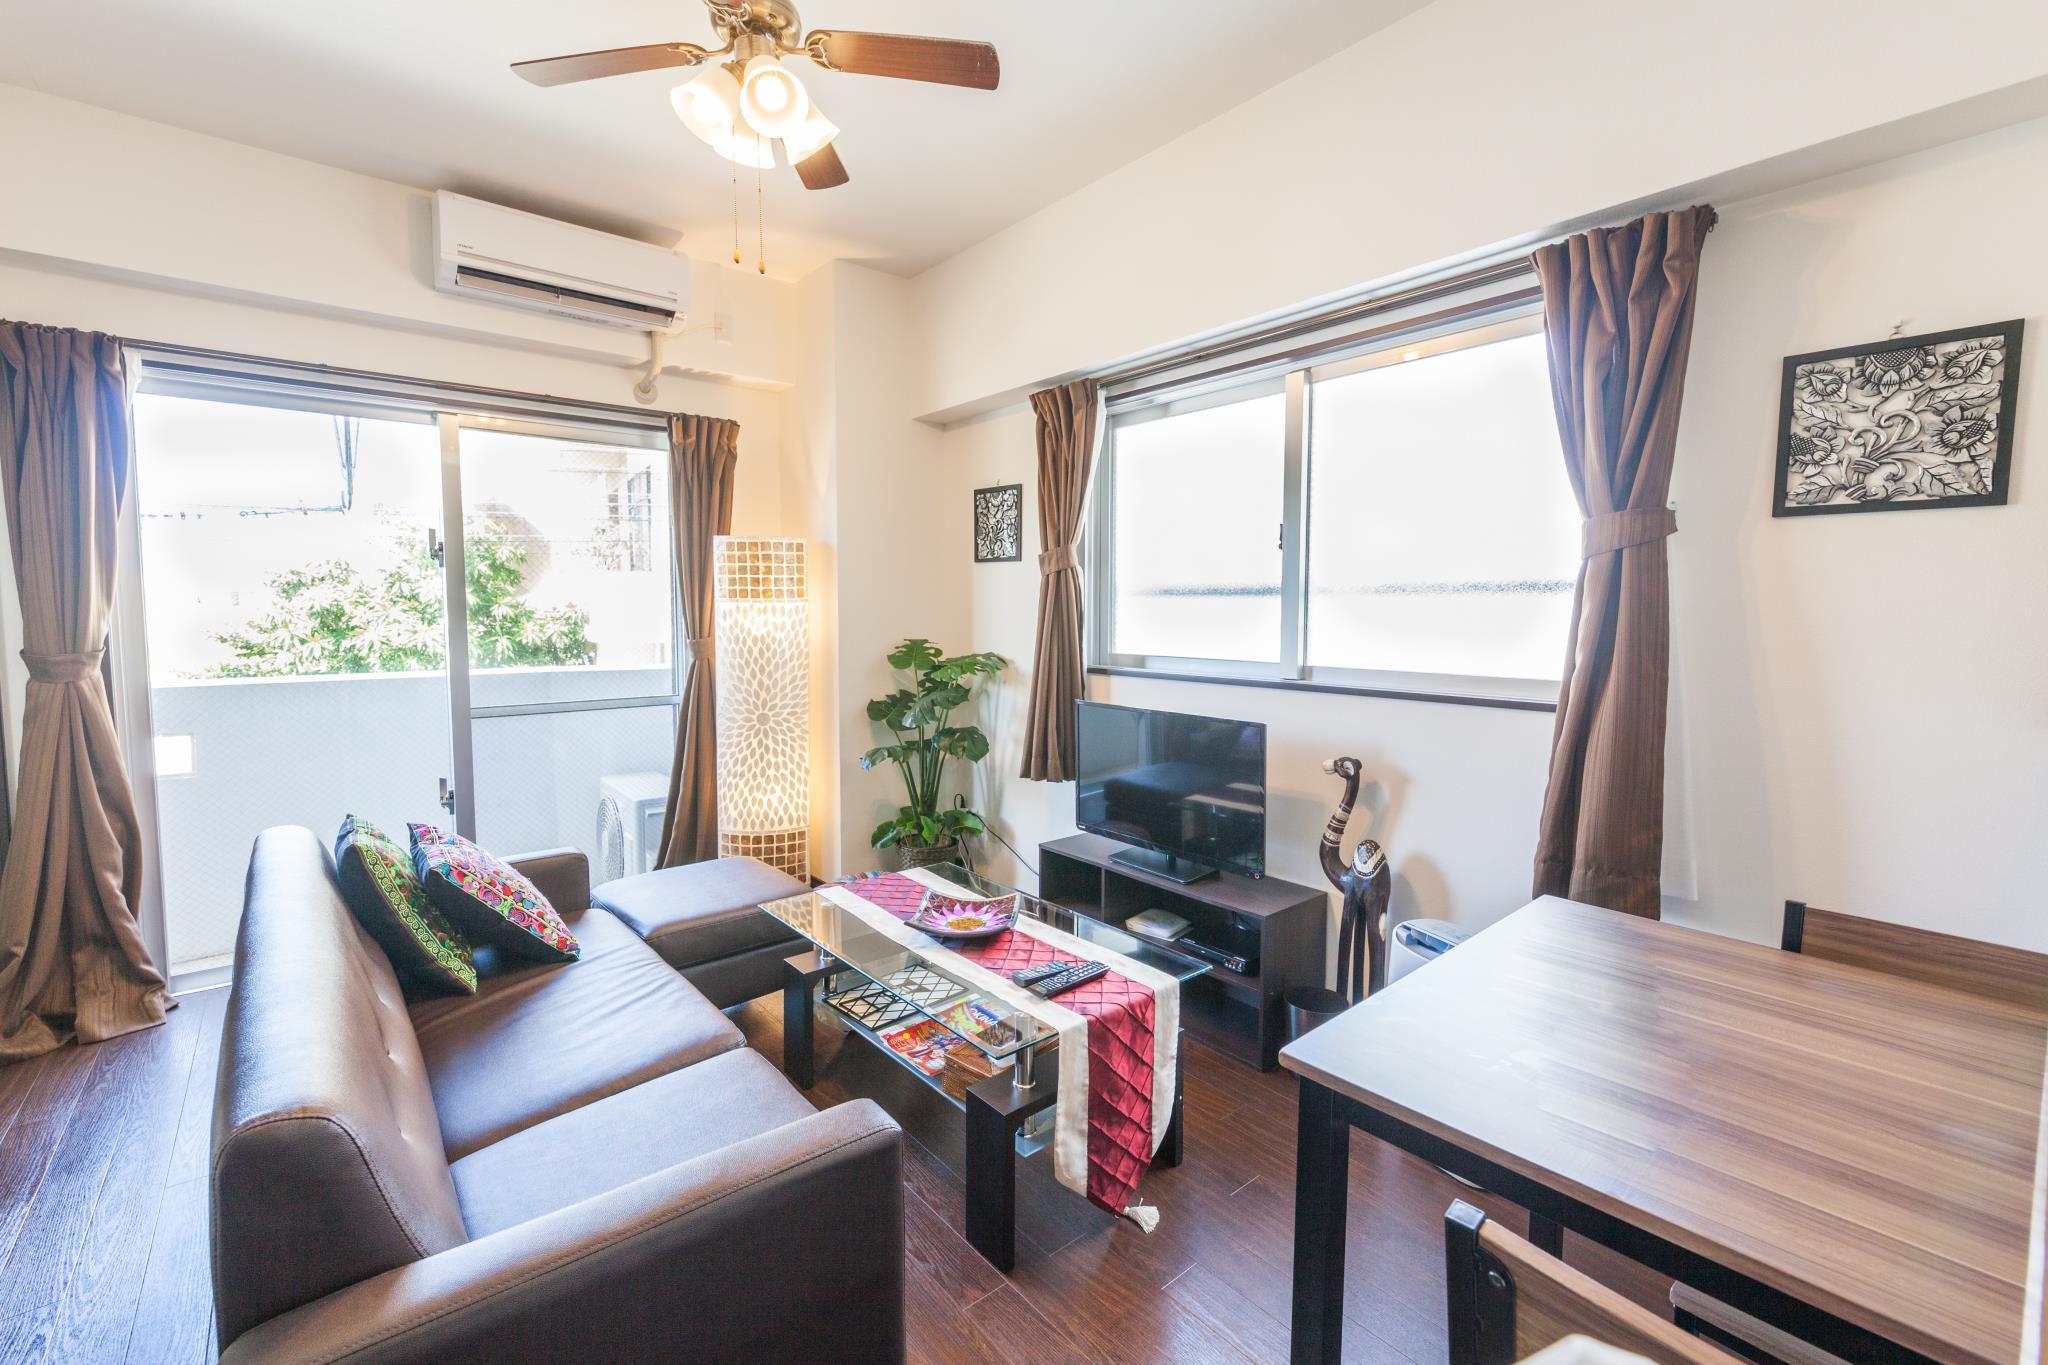 1 Bedroom Apartment Anjuur 205